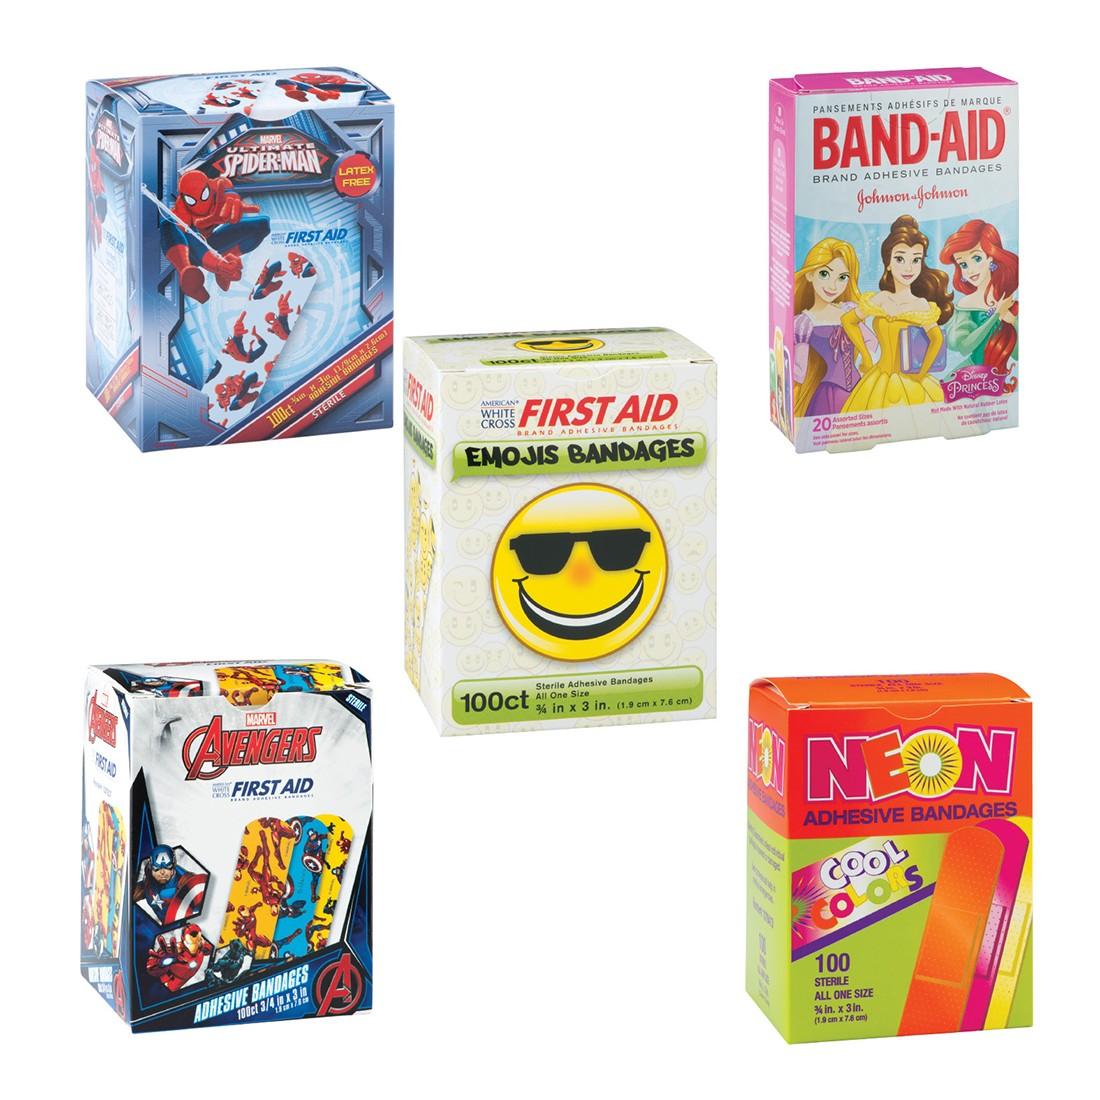 Latex Free Bandage Sampler [image]